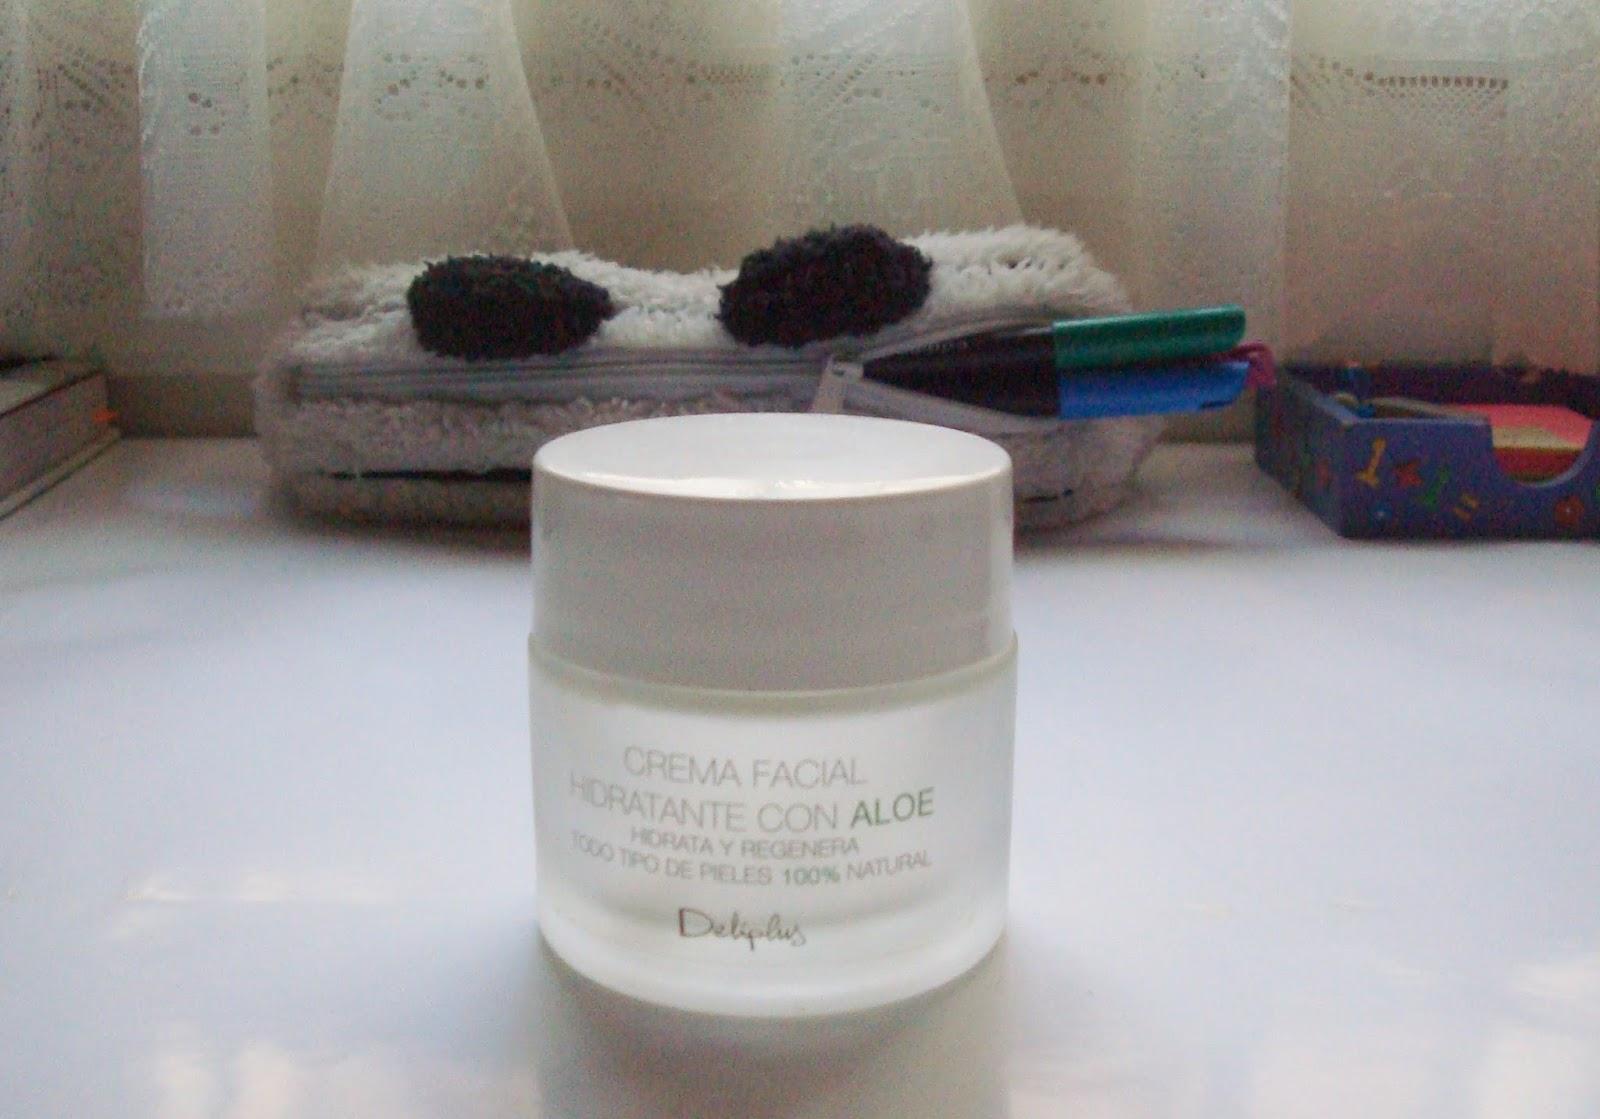 OnlyNess - Productos terminados crema hidratante deliplus